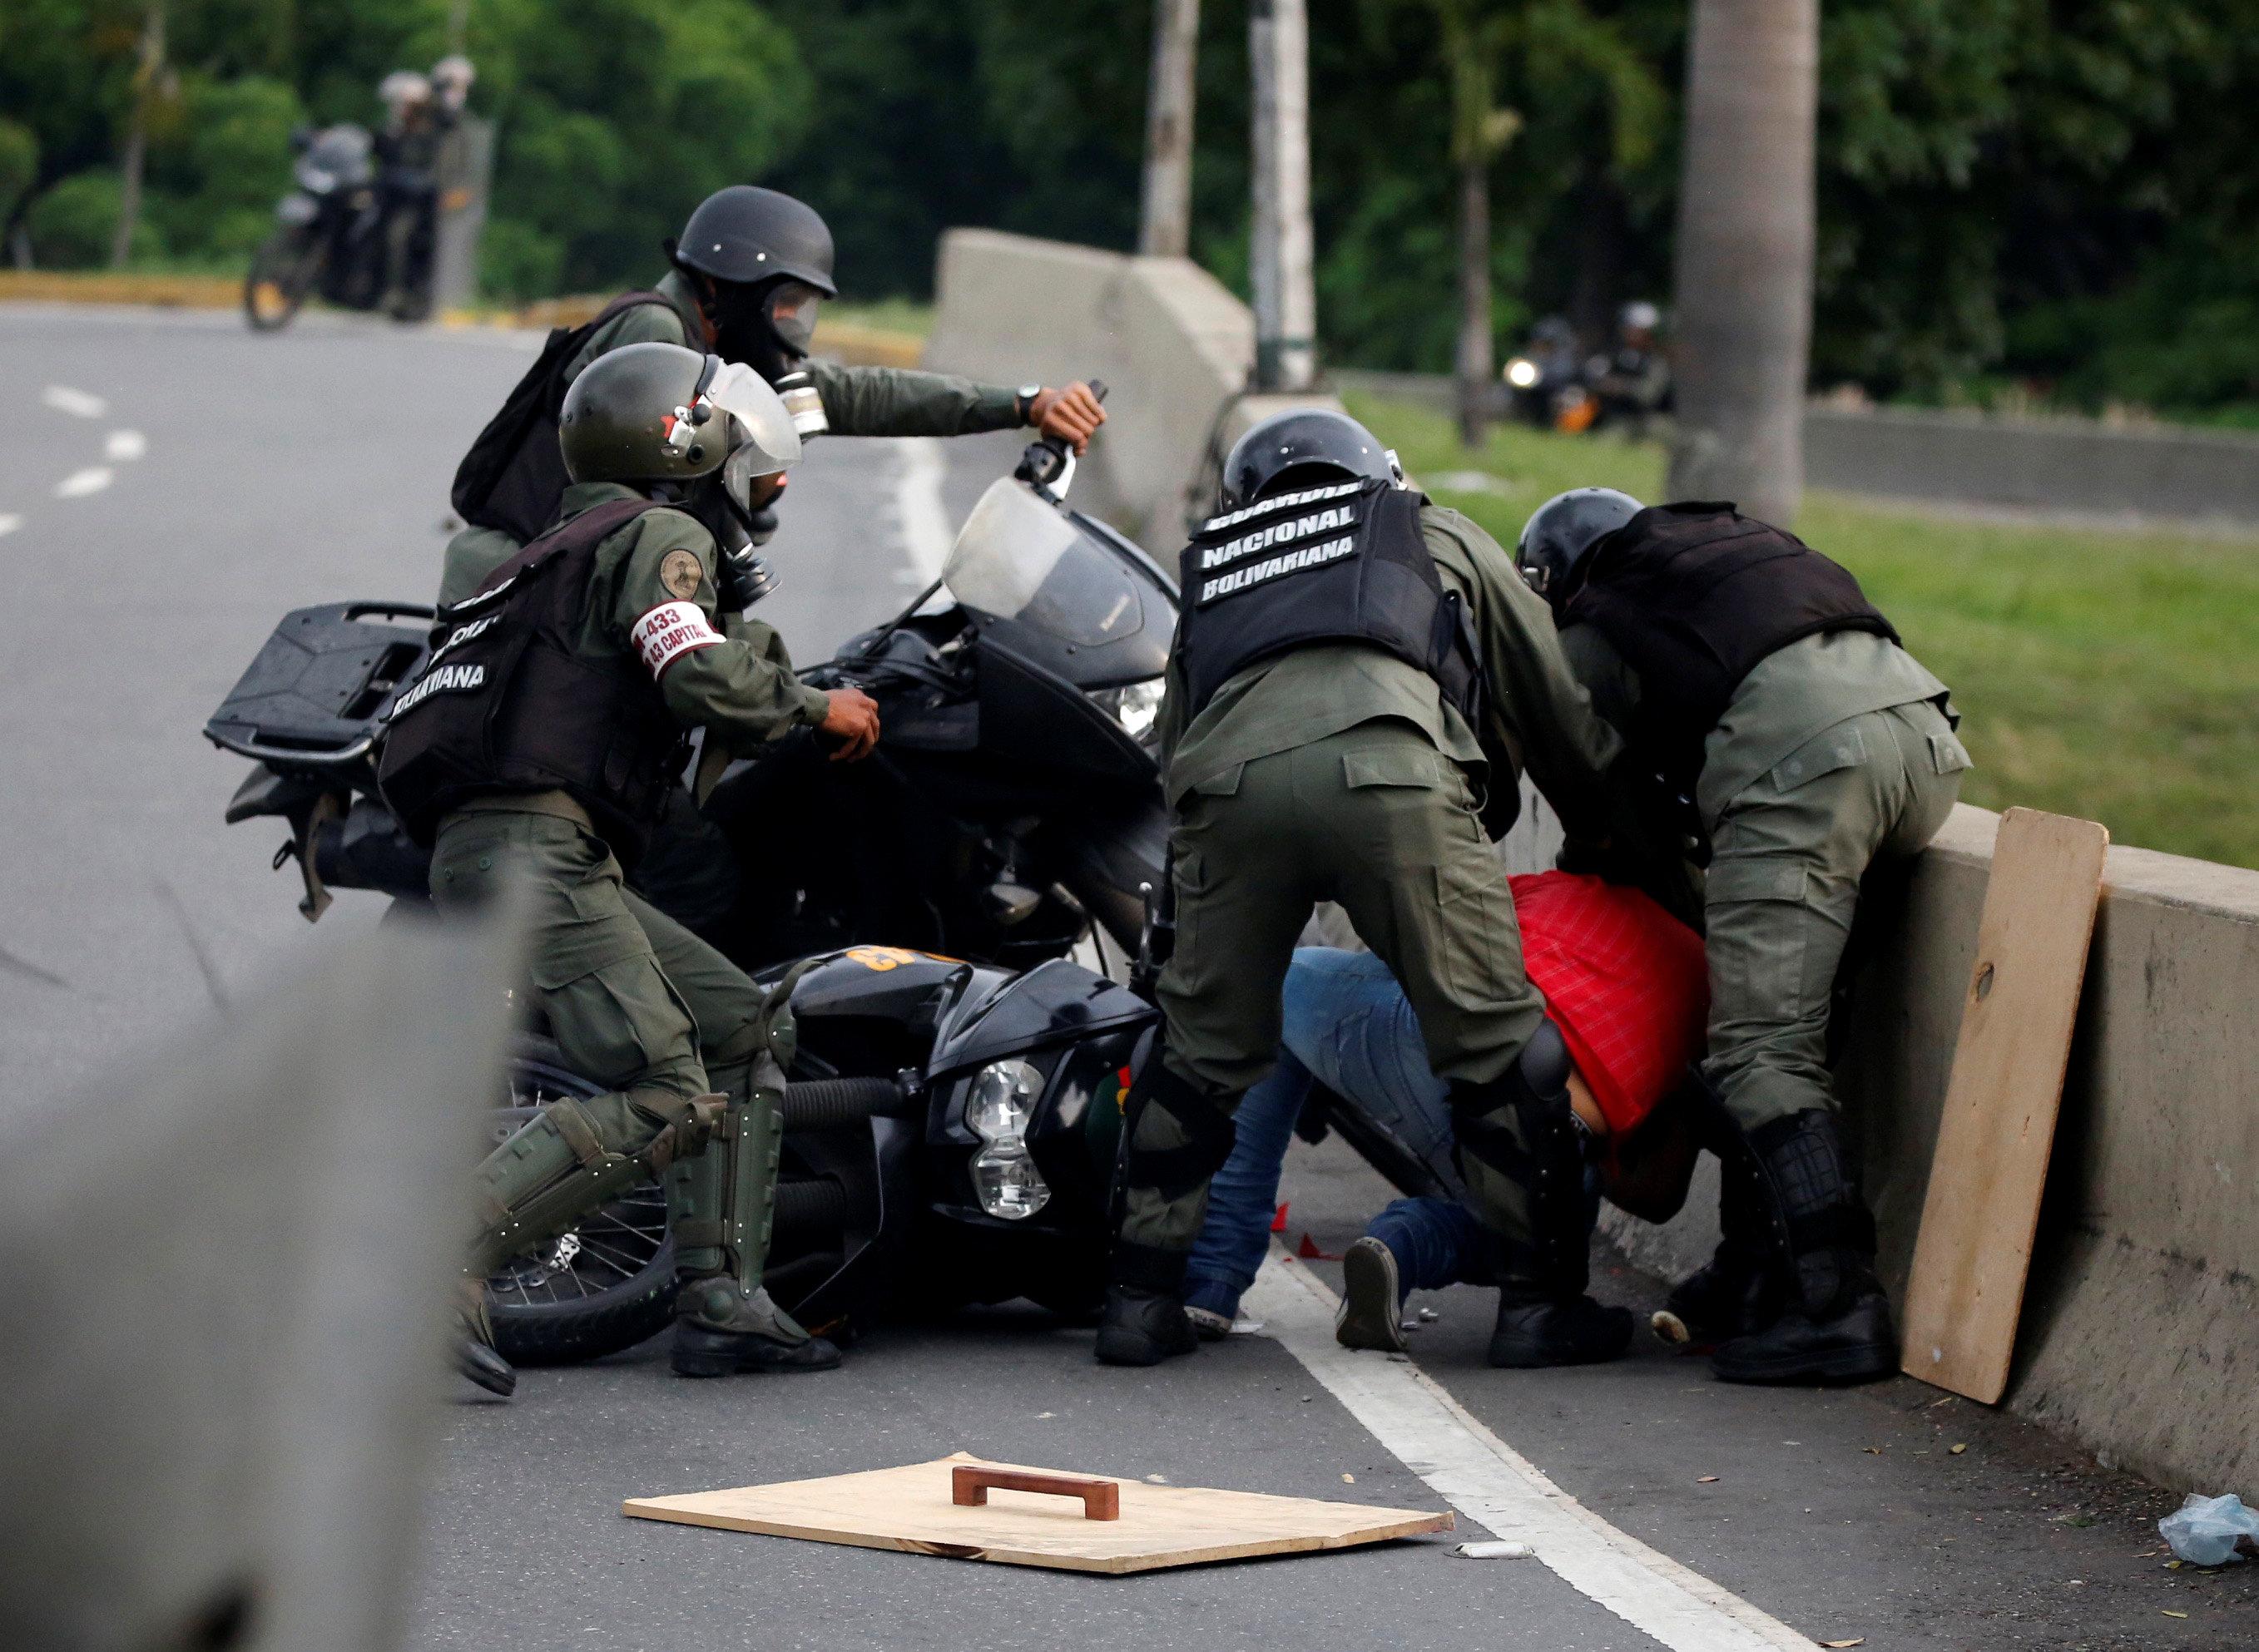 Un manifestante opositor es detenido por órganos represores en Caracas, Venezuela este 8 de mayo REUTERS/Carlos Garcia Rawlins